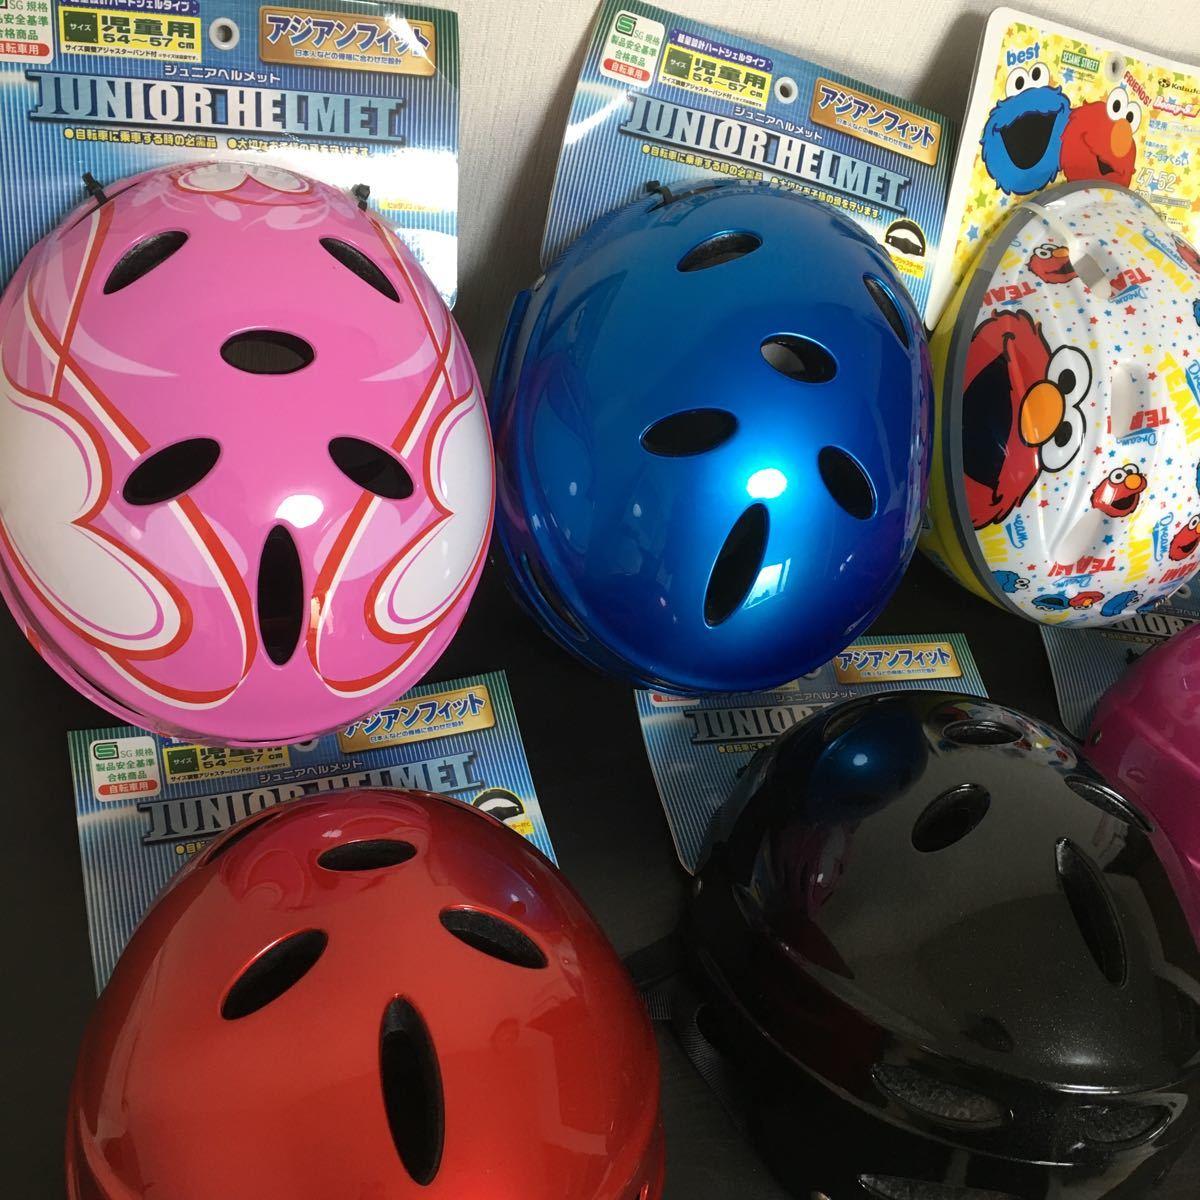 1円~ 自転車 ジュニア ヘルメット 8個セット 未使用品 新品 SGマーク付 児童用 子供用 アジアンフィットタイプ_画像2